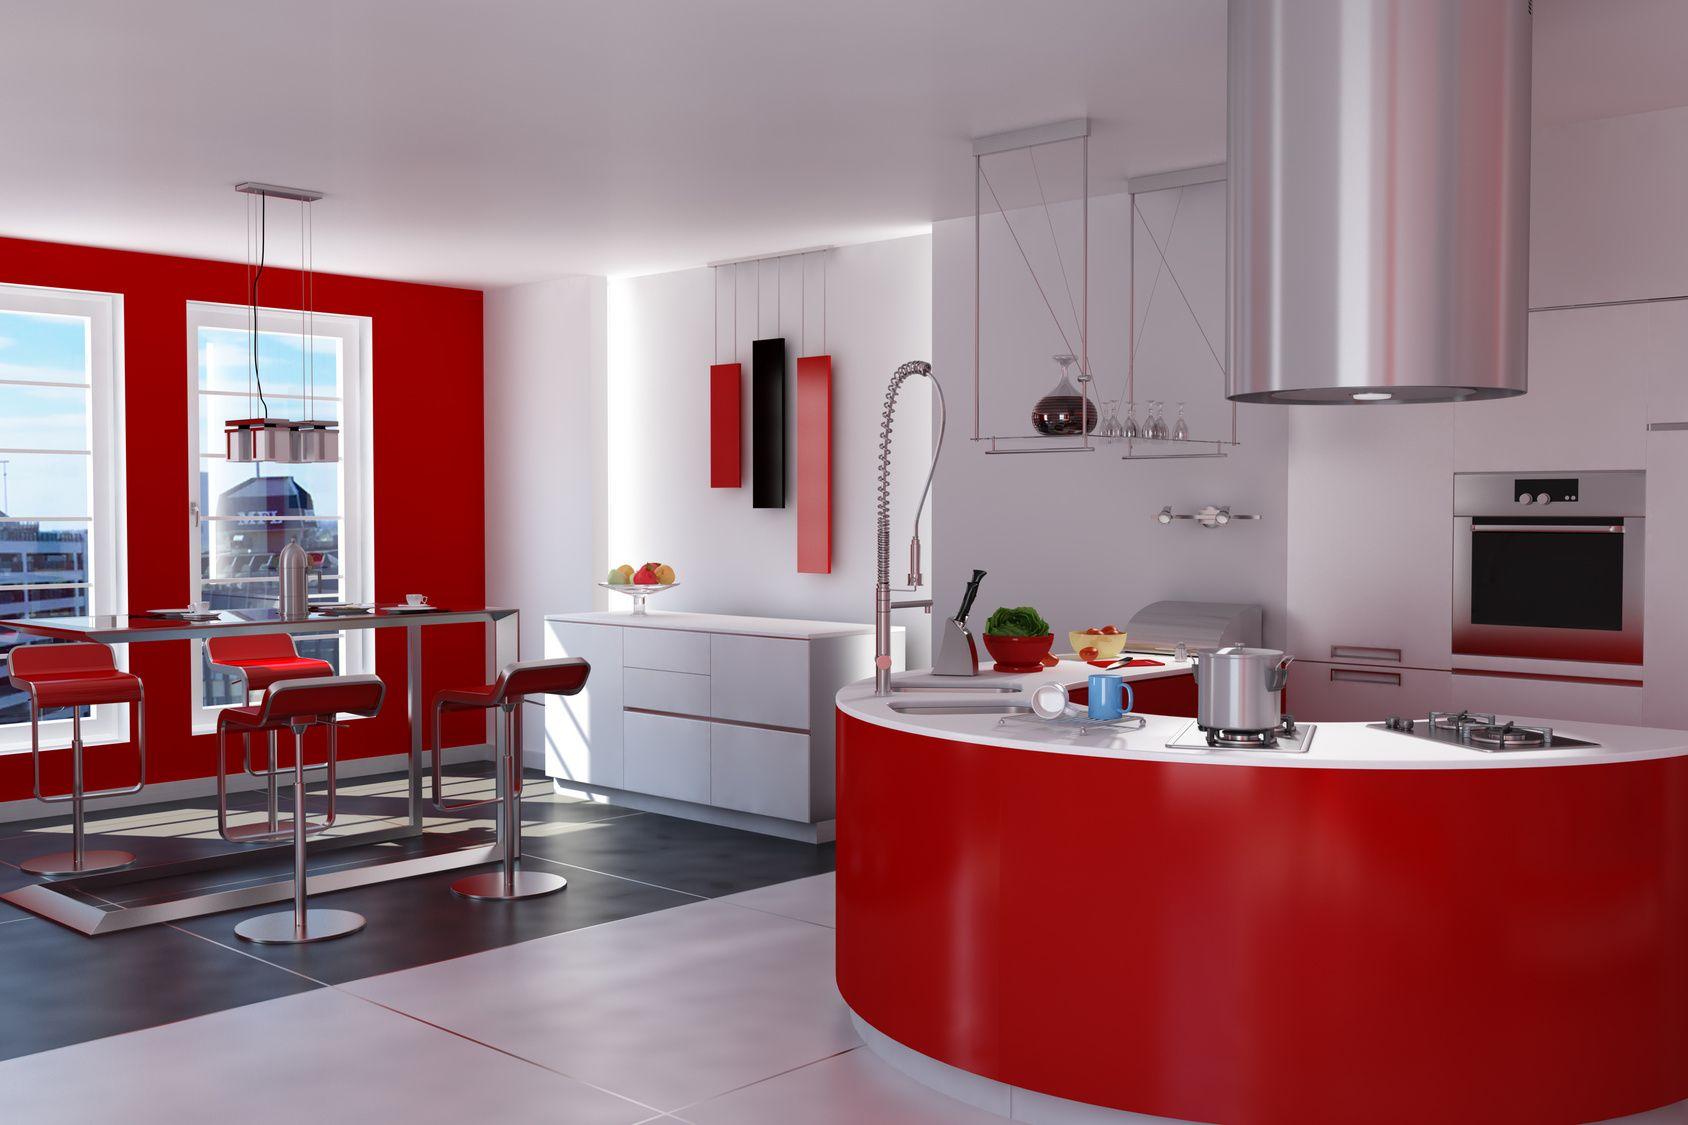 Offene Edelstahlwohnküche mit roten Fronten   Edelstahlküchen ...